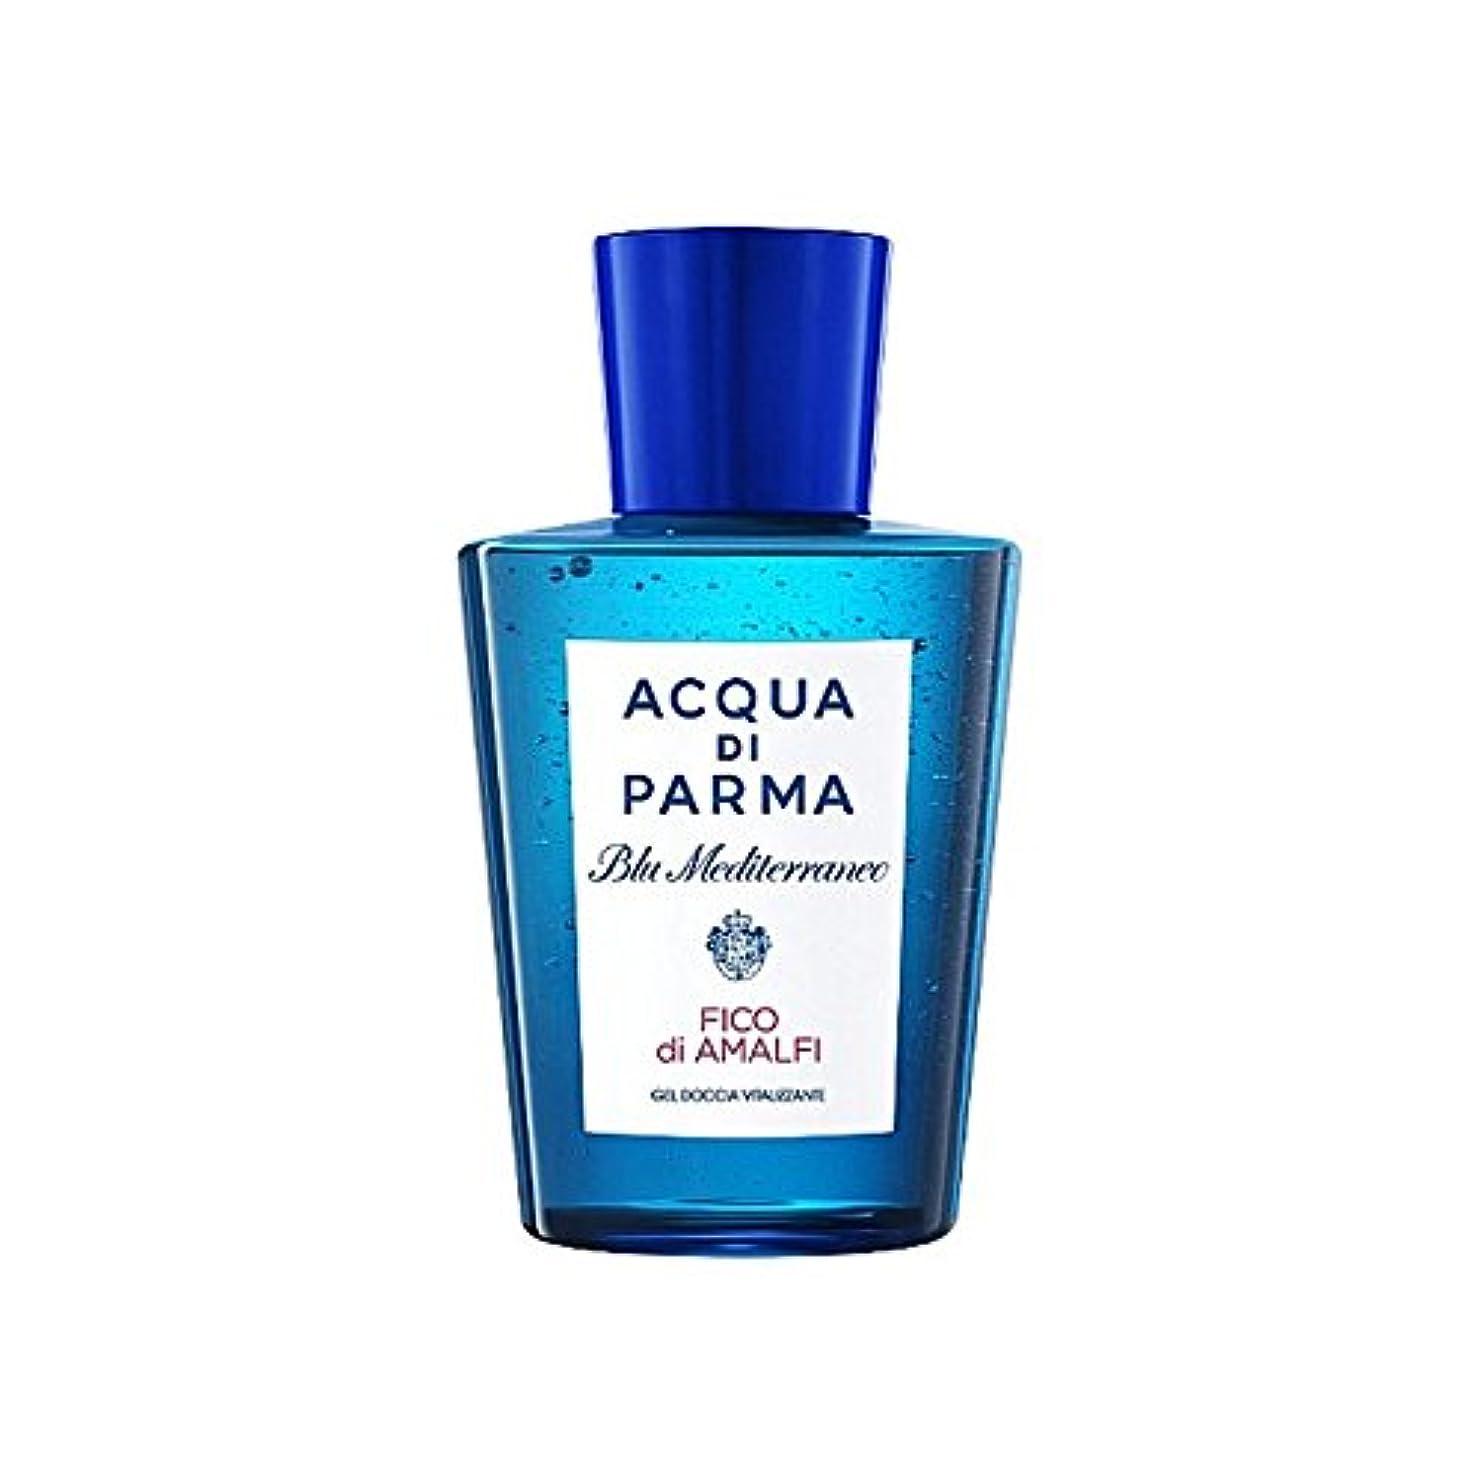 お世話になった最大化する意気込みAcqua Di Parma Blu Mediterraneo Fico Di Amalfi Shower Gel 200ml - アクアディパルマブルーメディジアマルフィシャワージェル200 [並行輸入品]